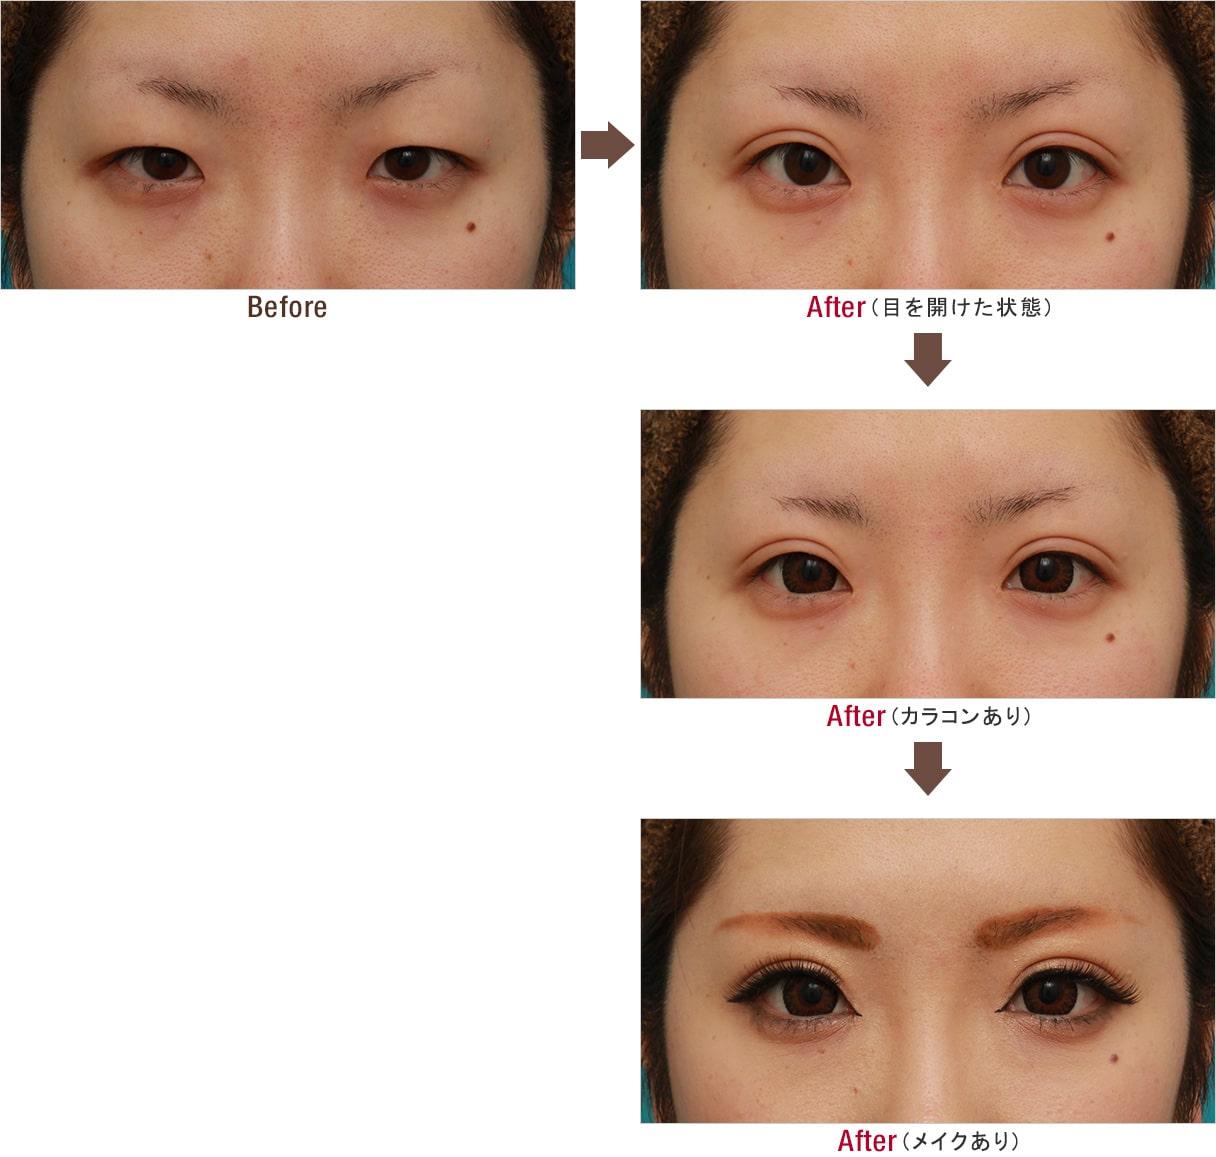 目頭切開+眼瞼下垂手術で、アイラインを引いても奥二